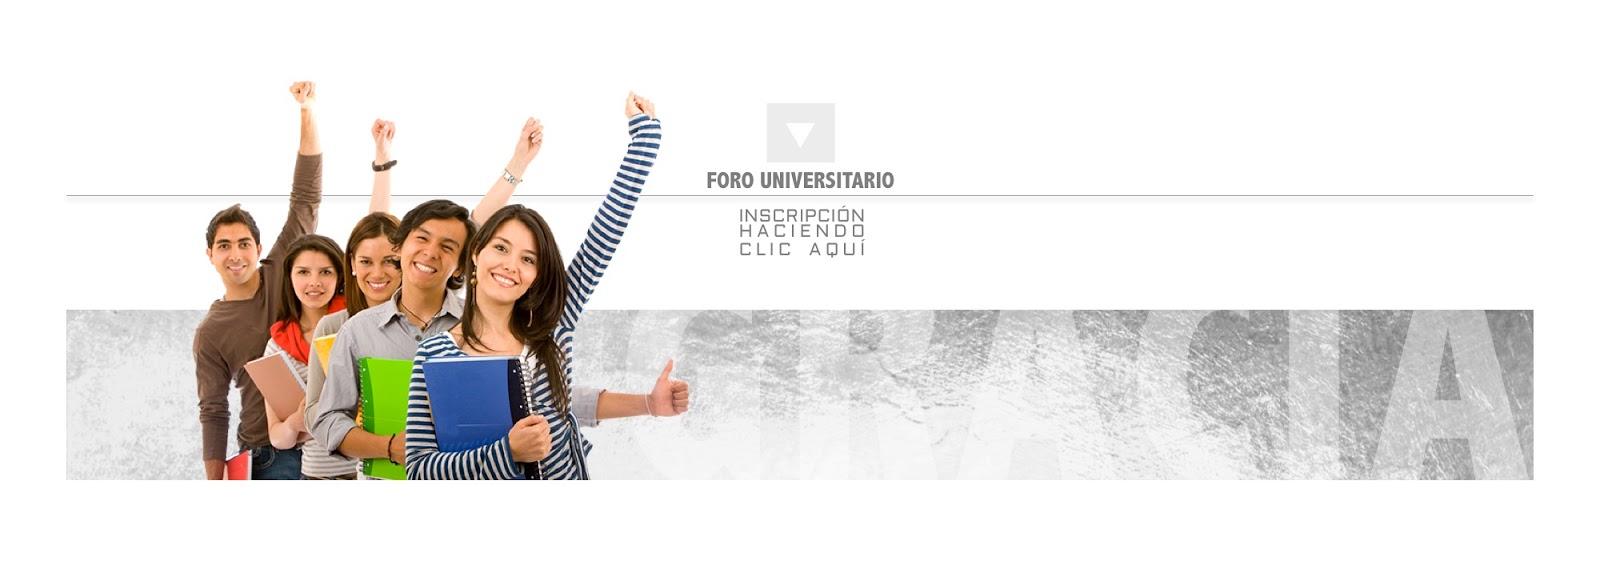 Foro Universitario